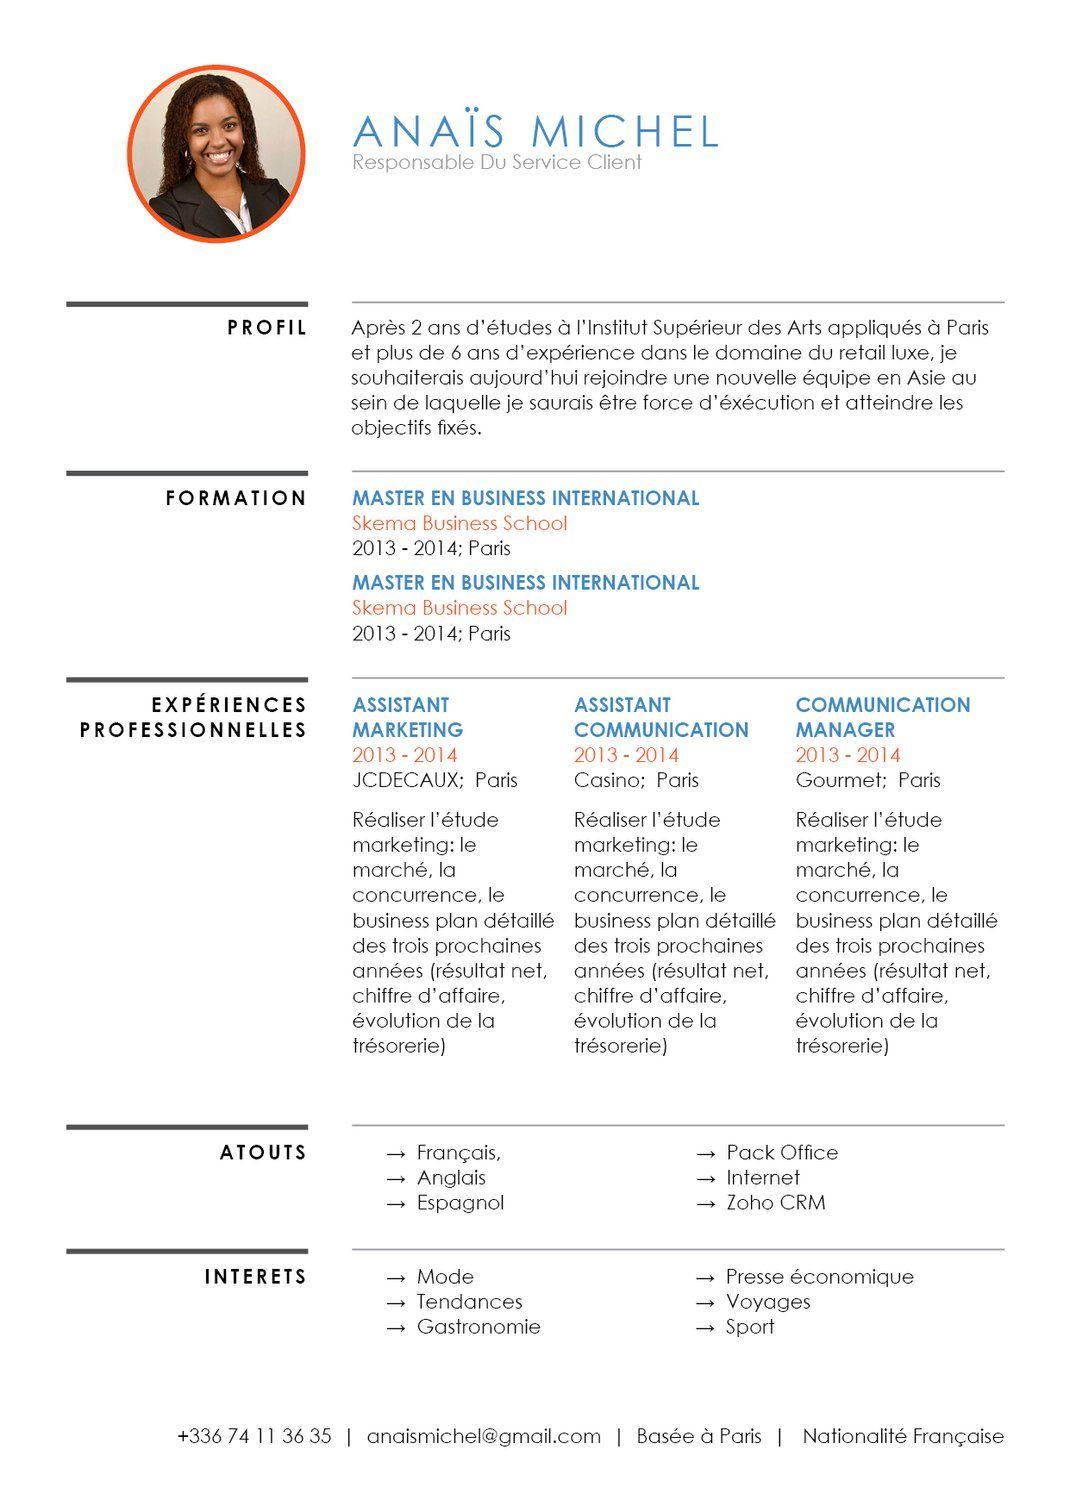 51 Modele Lettre De Motivation Beaux Arts Good Company Motivation You Must